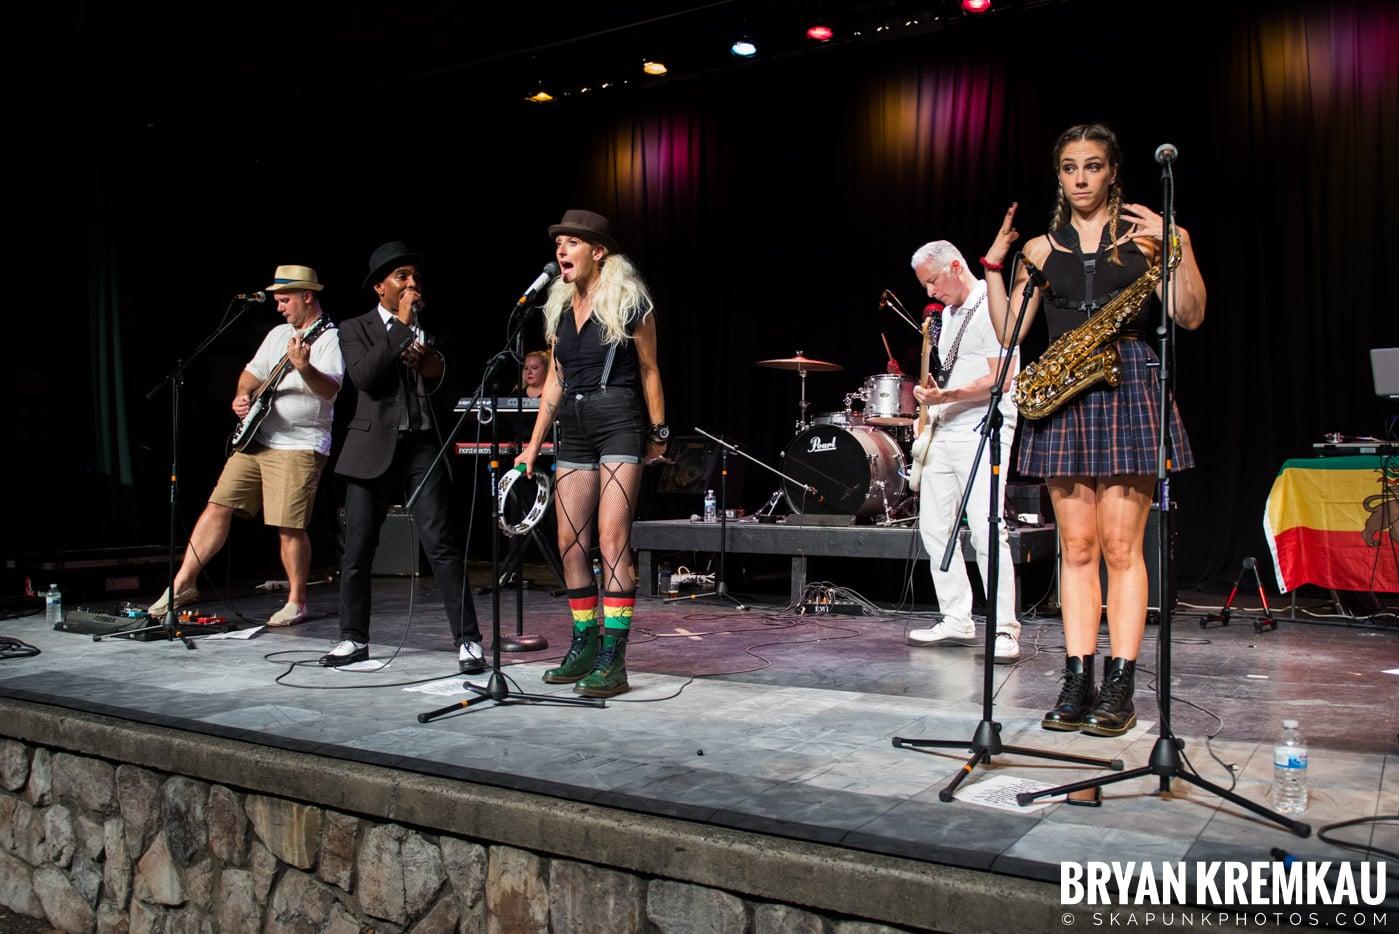 Rude Boy George @ Oskar Schindler Performing Arts Center, West Orange, NJ - 8.19.17 (23)